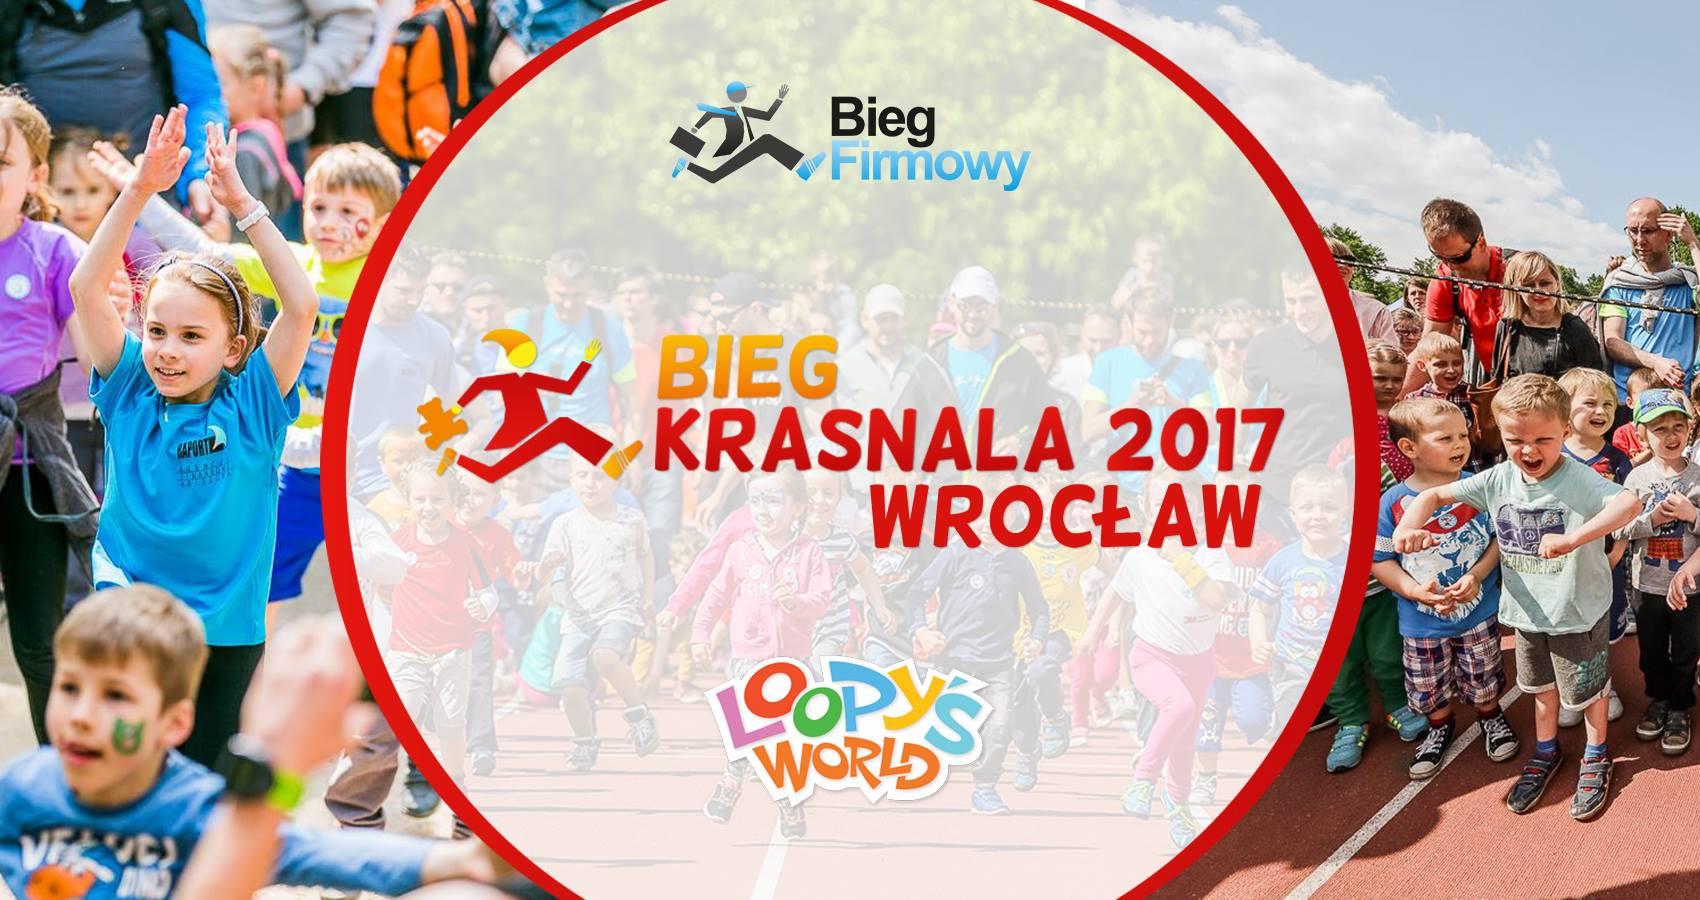 Bieg Krasnala we Wrocławiu!